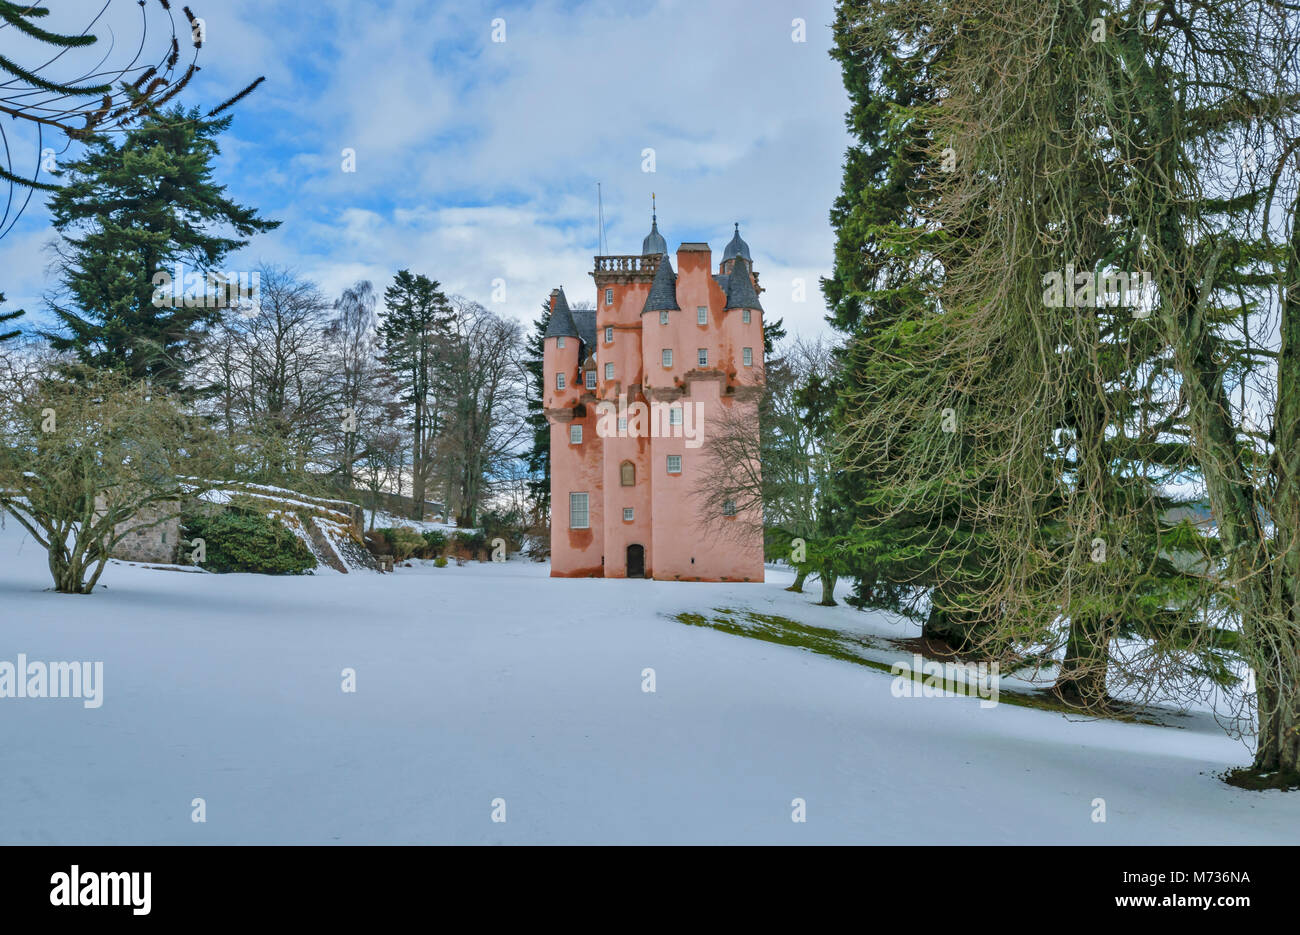 Castello di Craigievar ABERDEENSHIRE Scozia circondato da profondi neve invernale e sempreverdi alberi di pino Immagini Stock